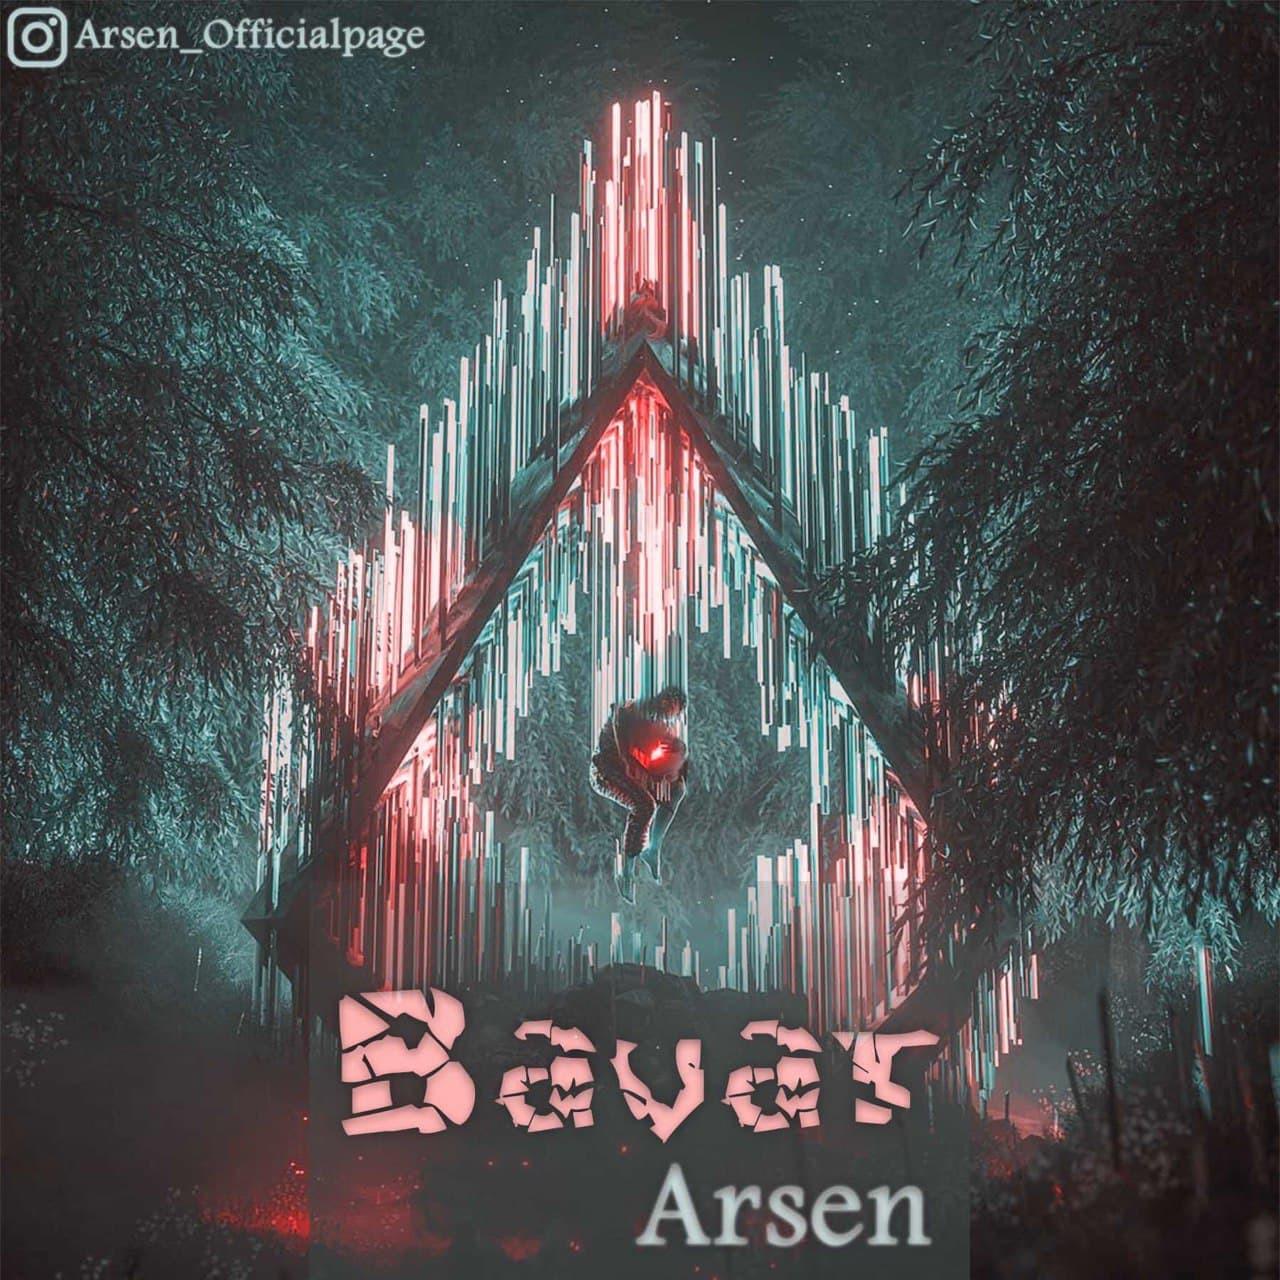 Arsen - Bavar